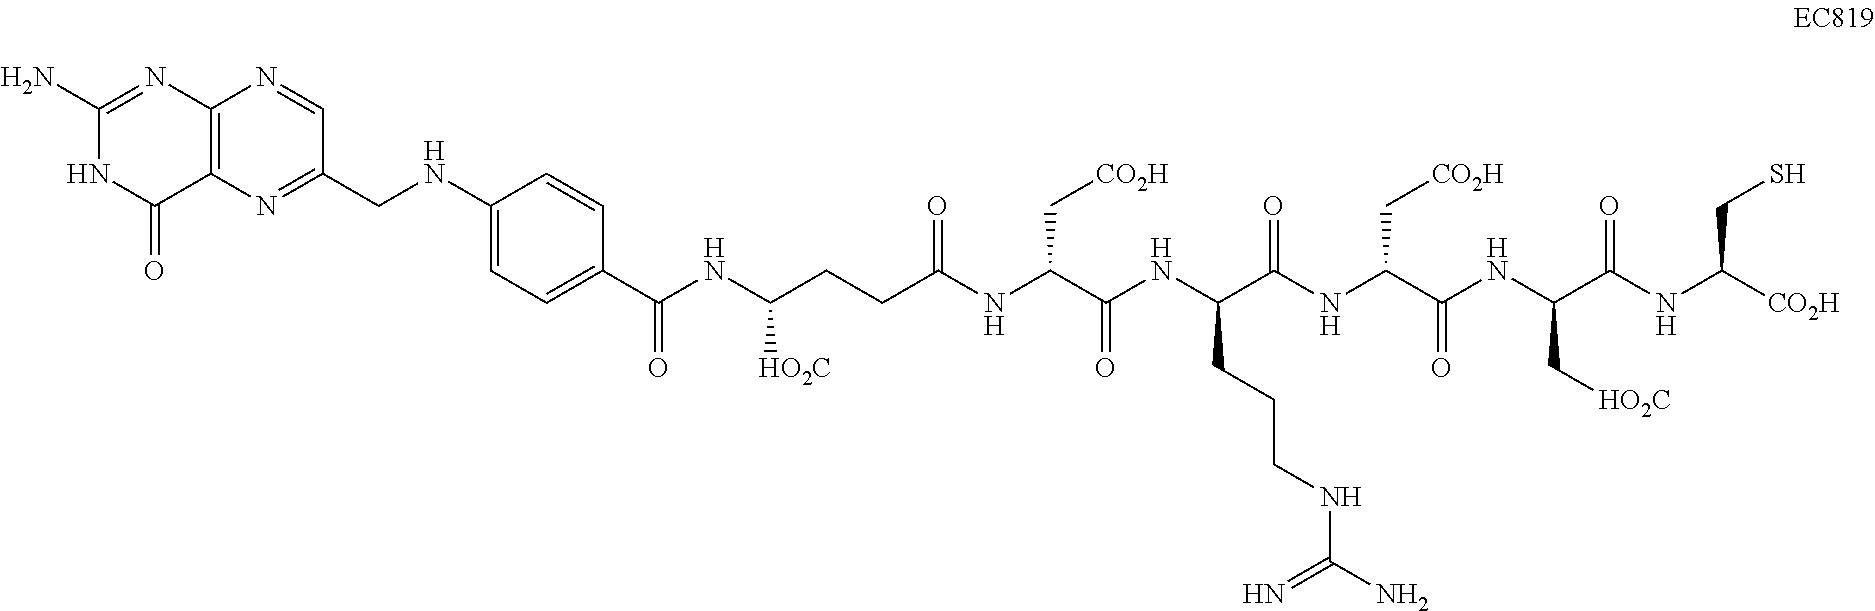 Figure US09662402-20170530-C00088